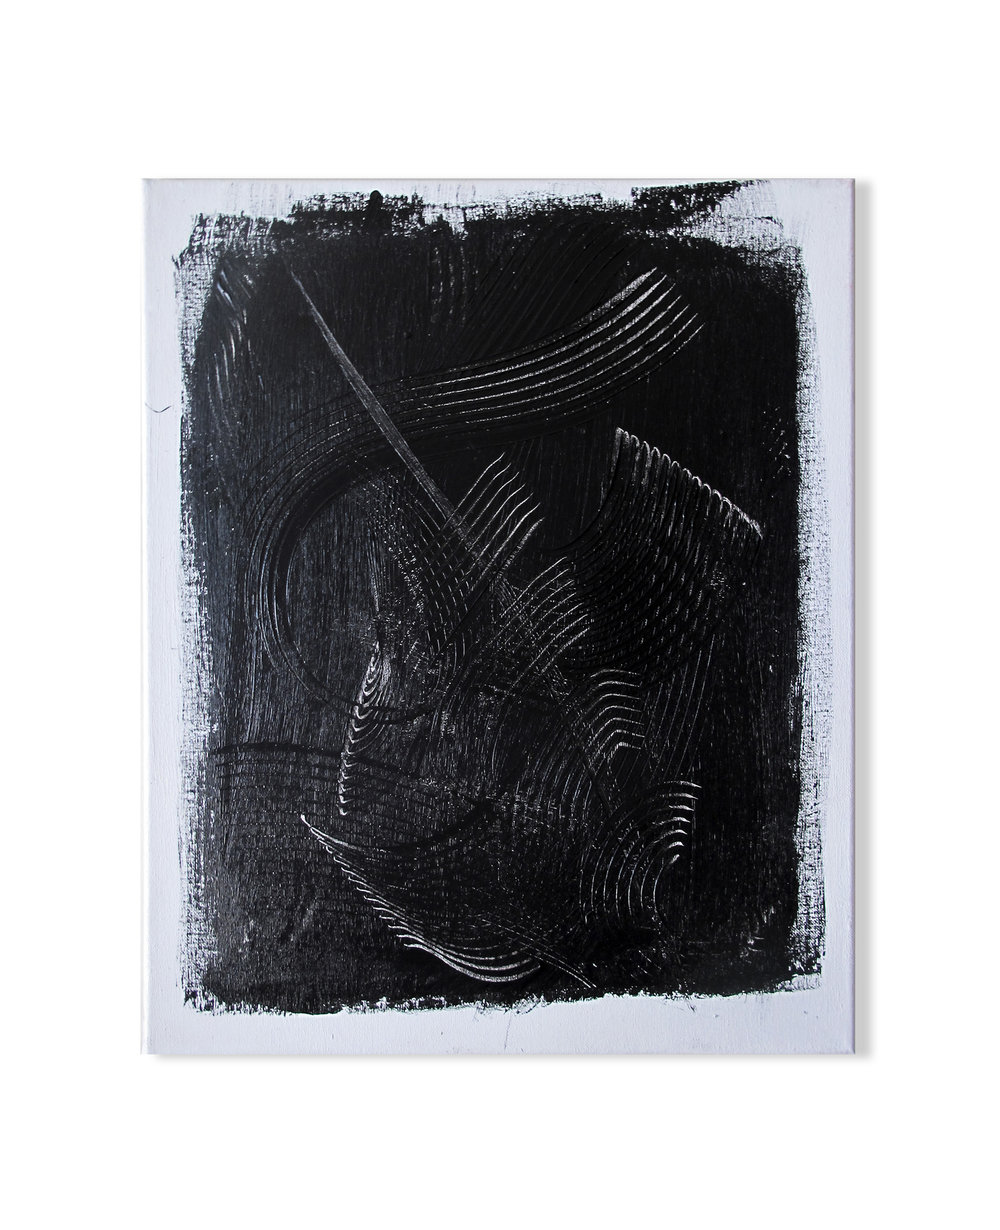 20 X 16  Acrylic